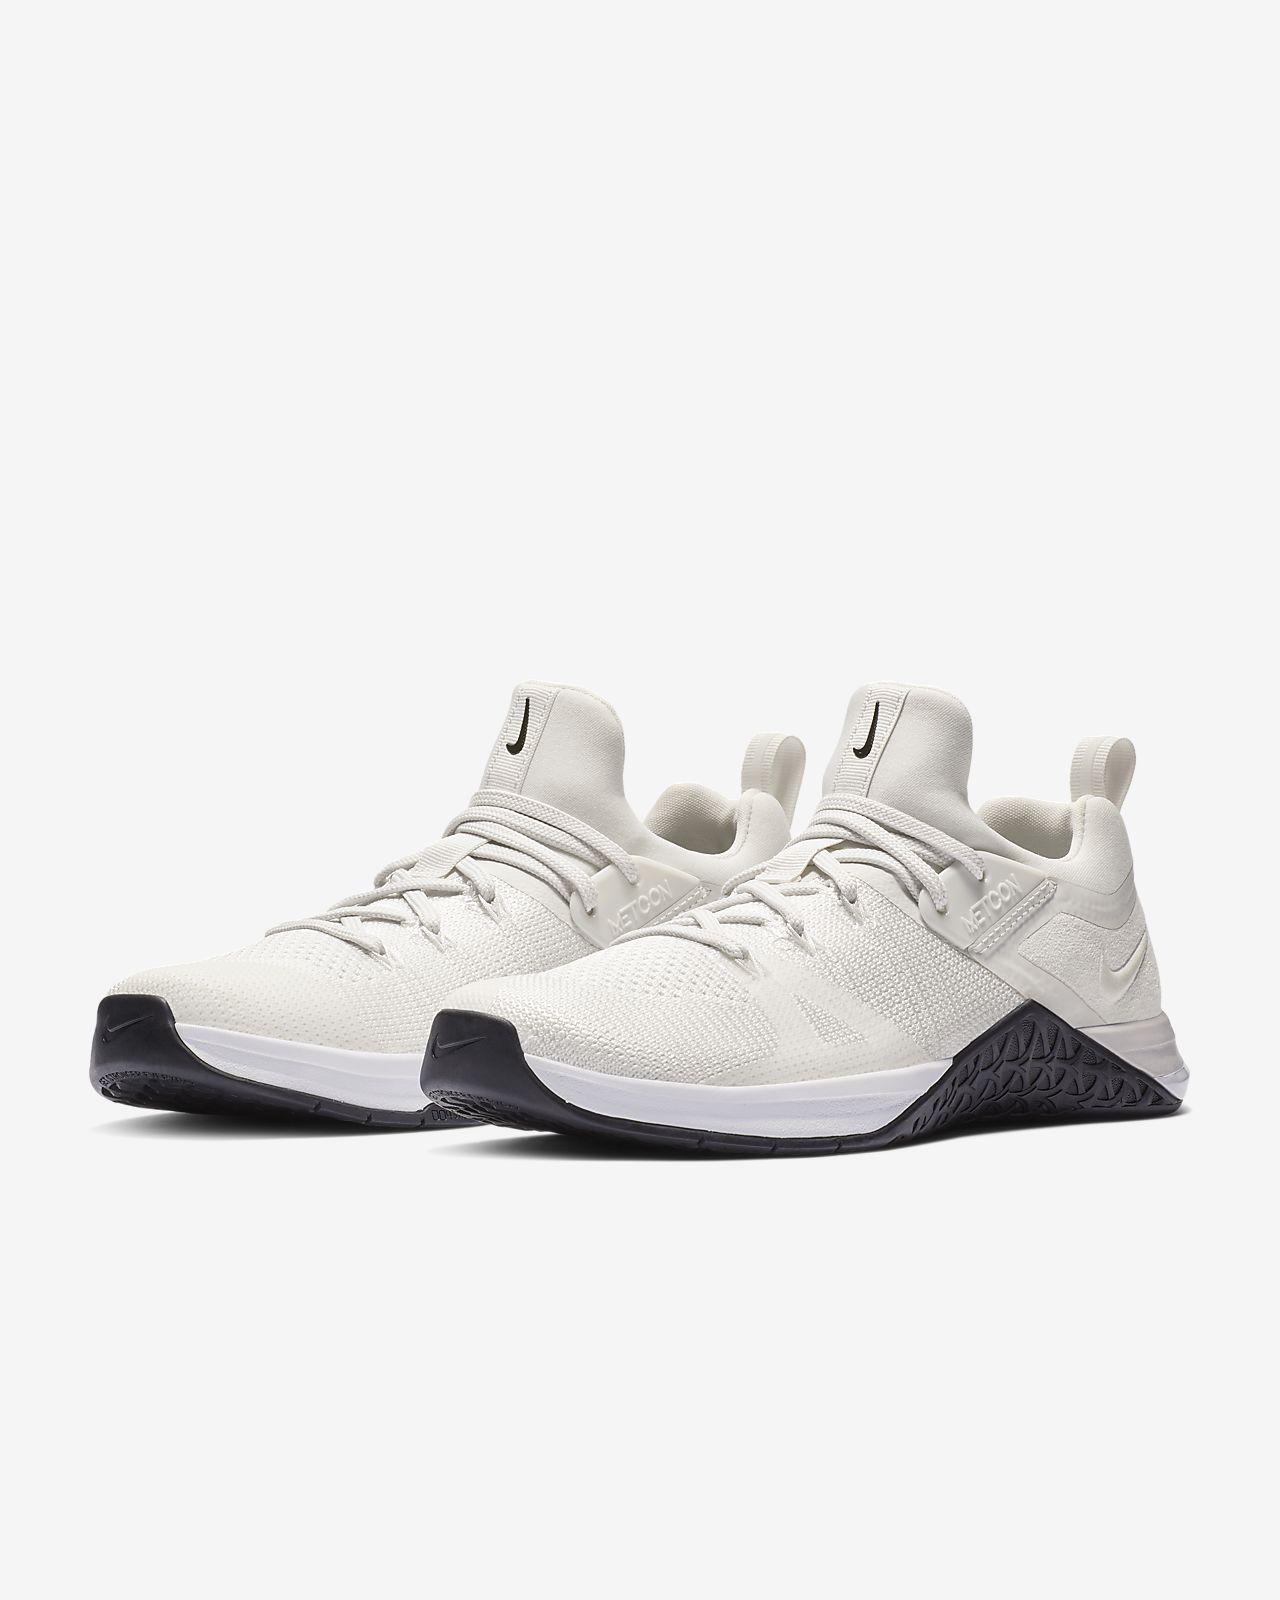 a6da9beb2572 Nike Metcon Flyknit 3 Women s Cross-Training Weightlifting Shoe ...